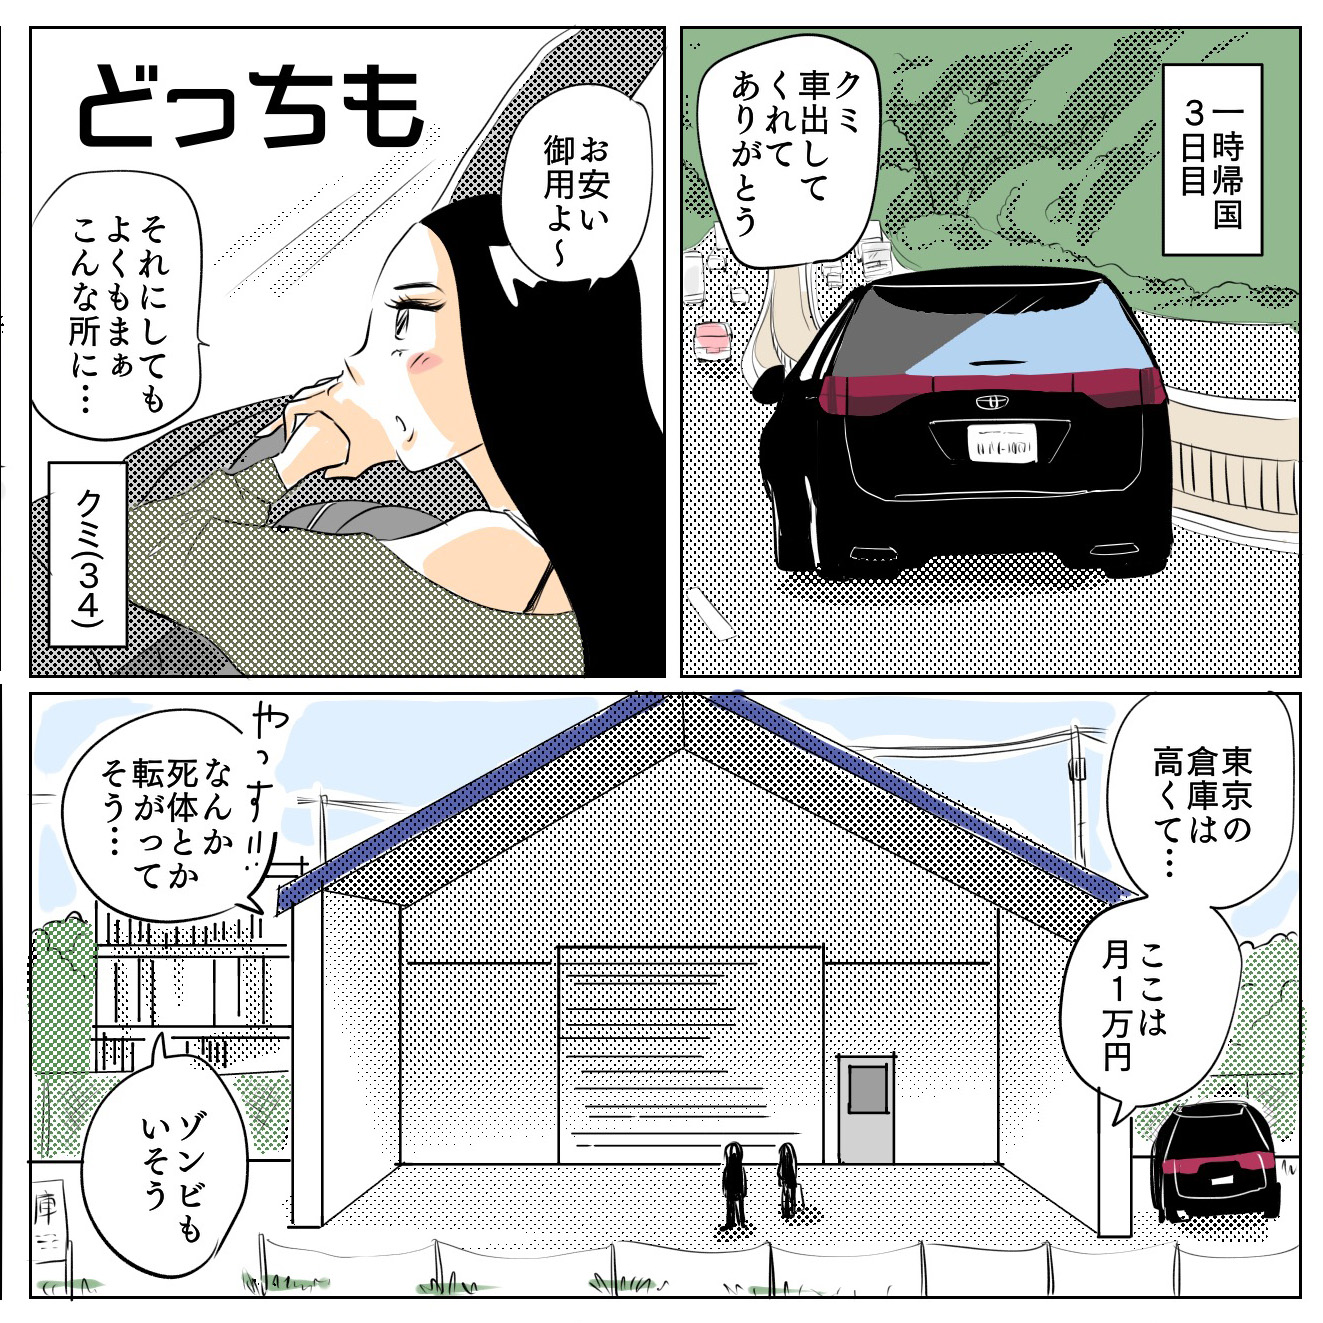 埼玉県の倉庫へ